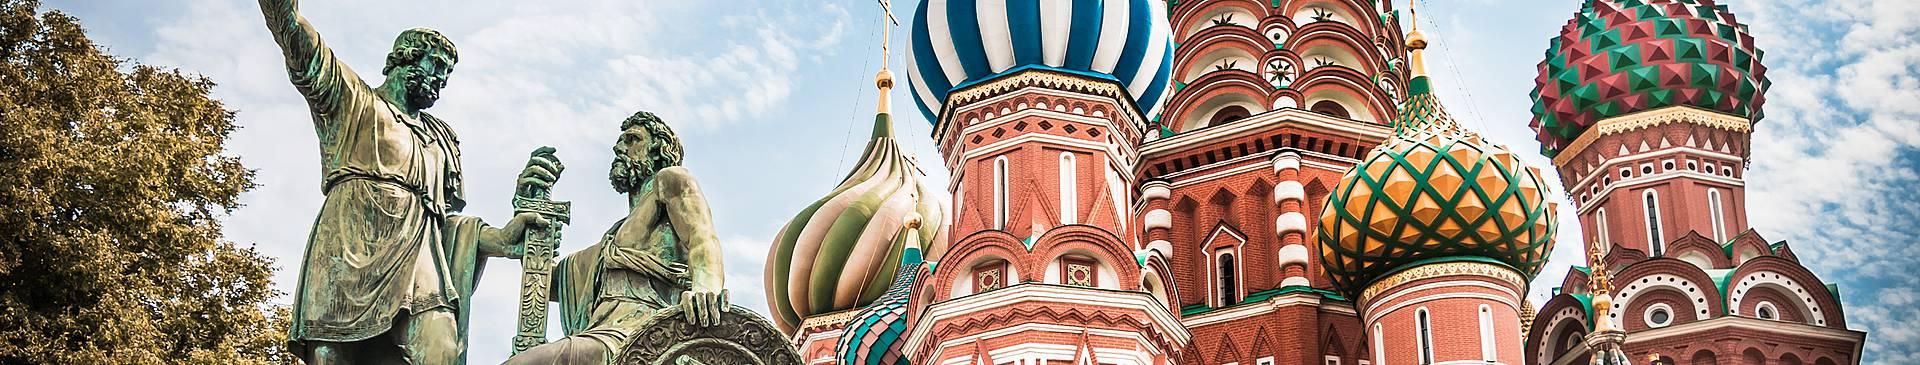 Viajes a Rusia en primavera